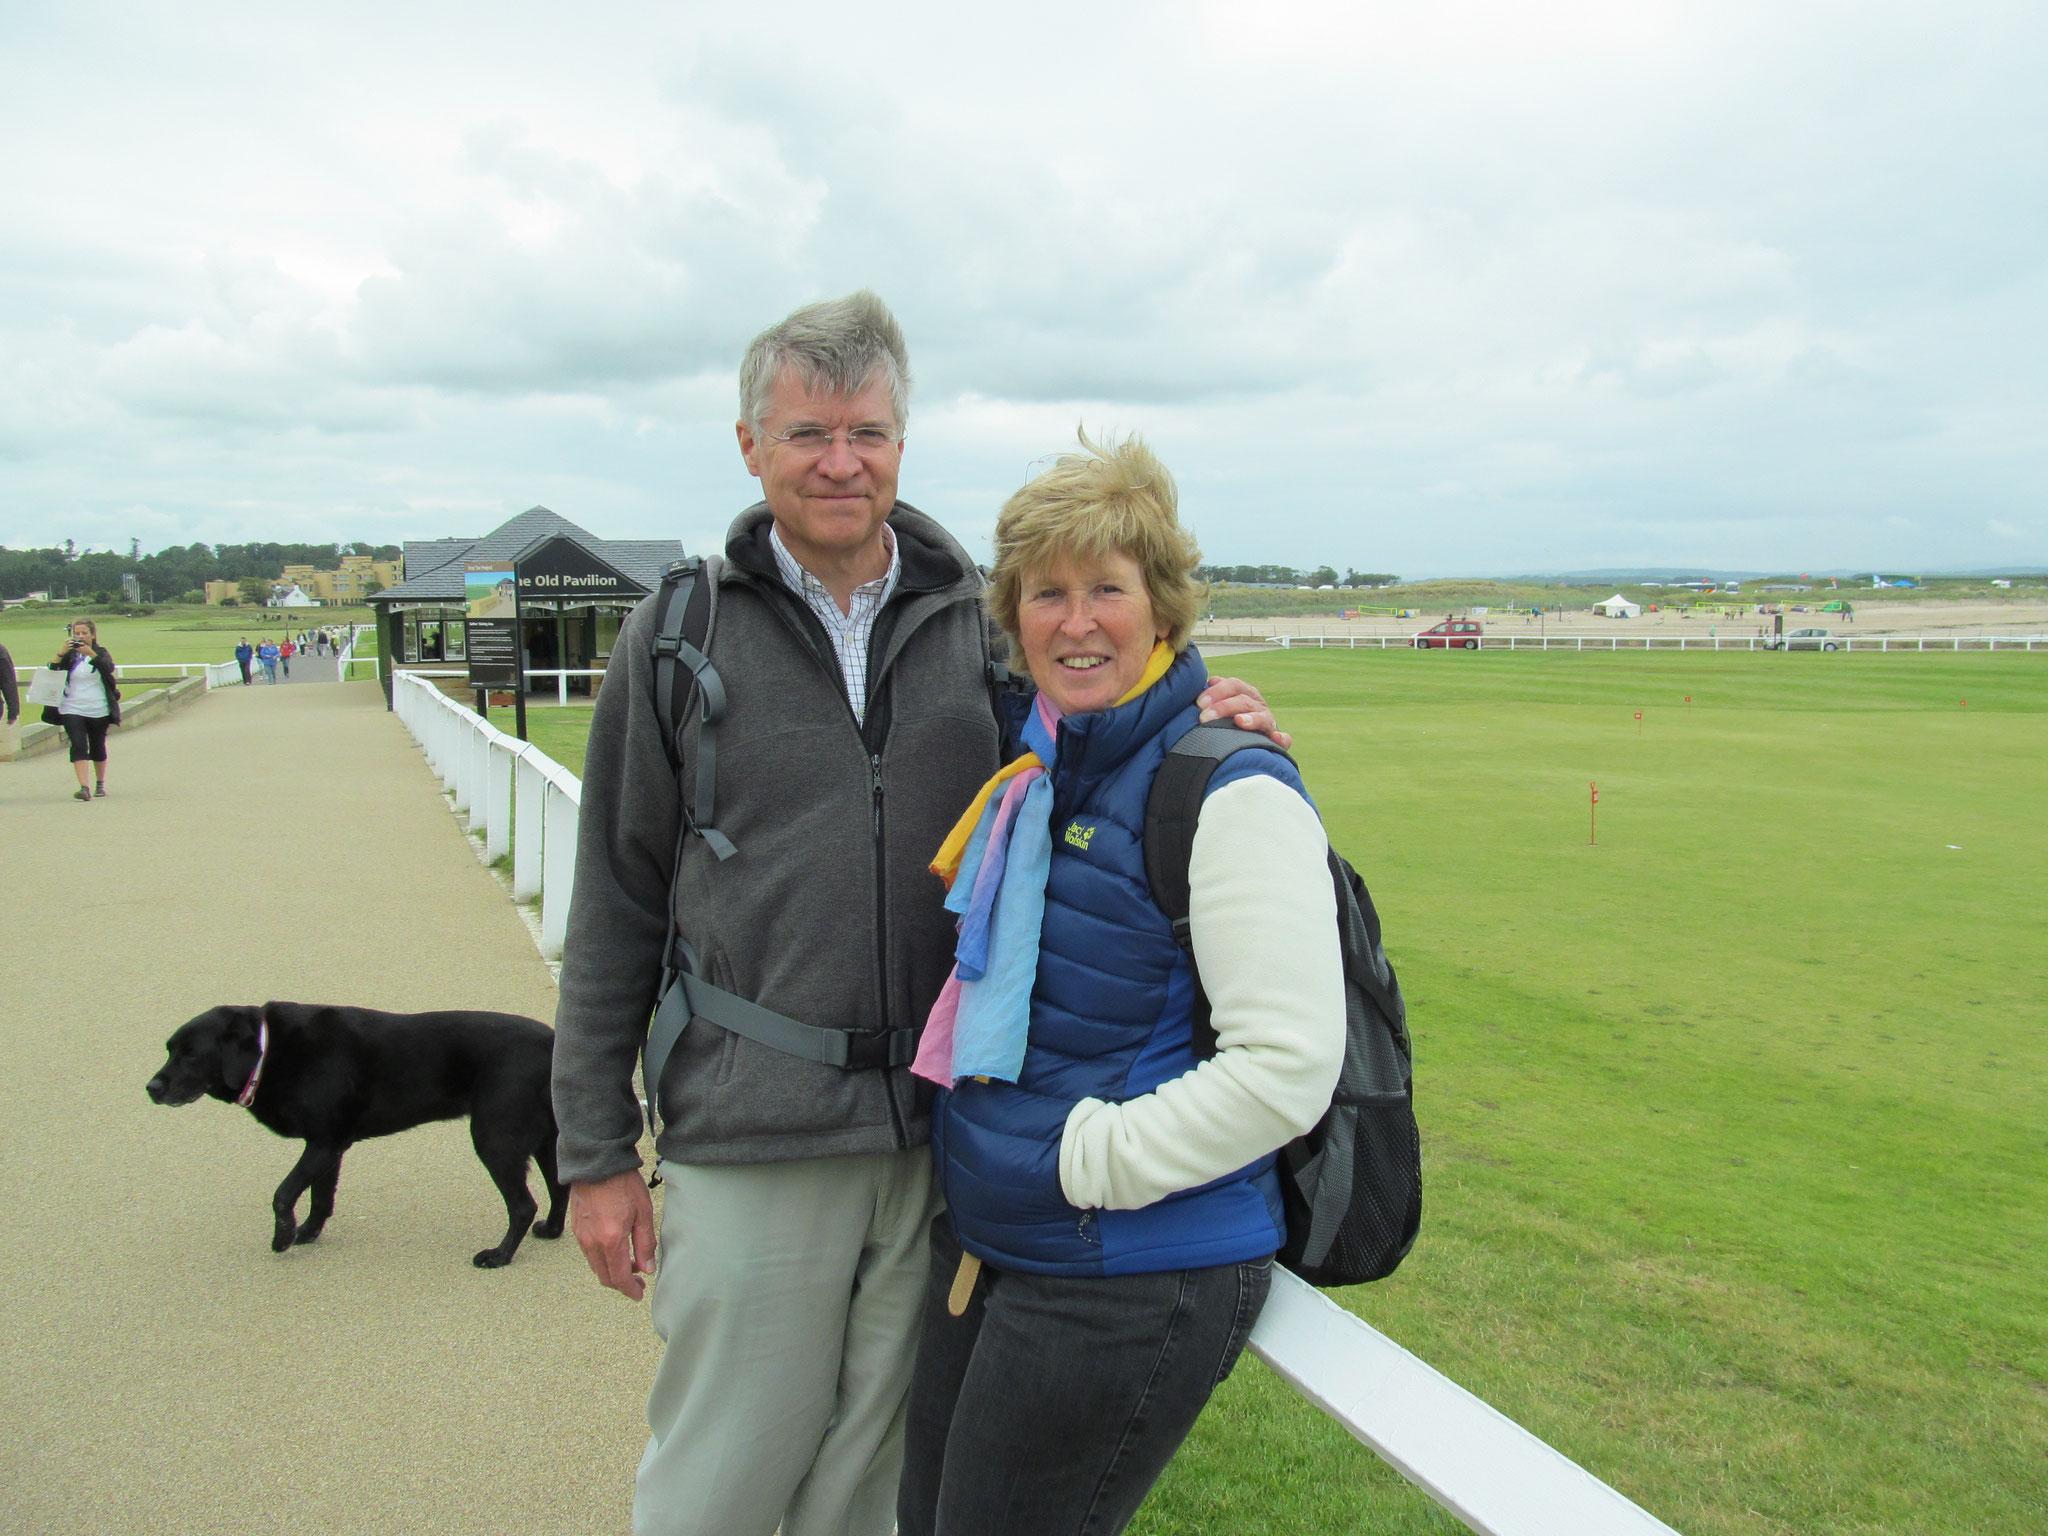 Le golf à St. Andrews